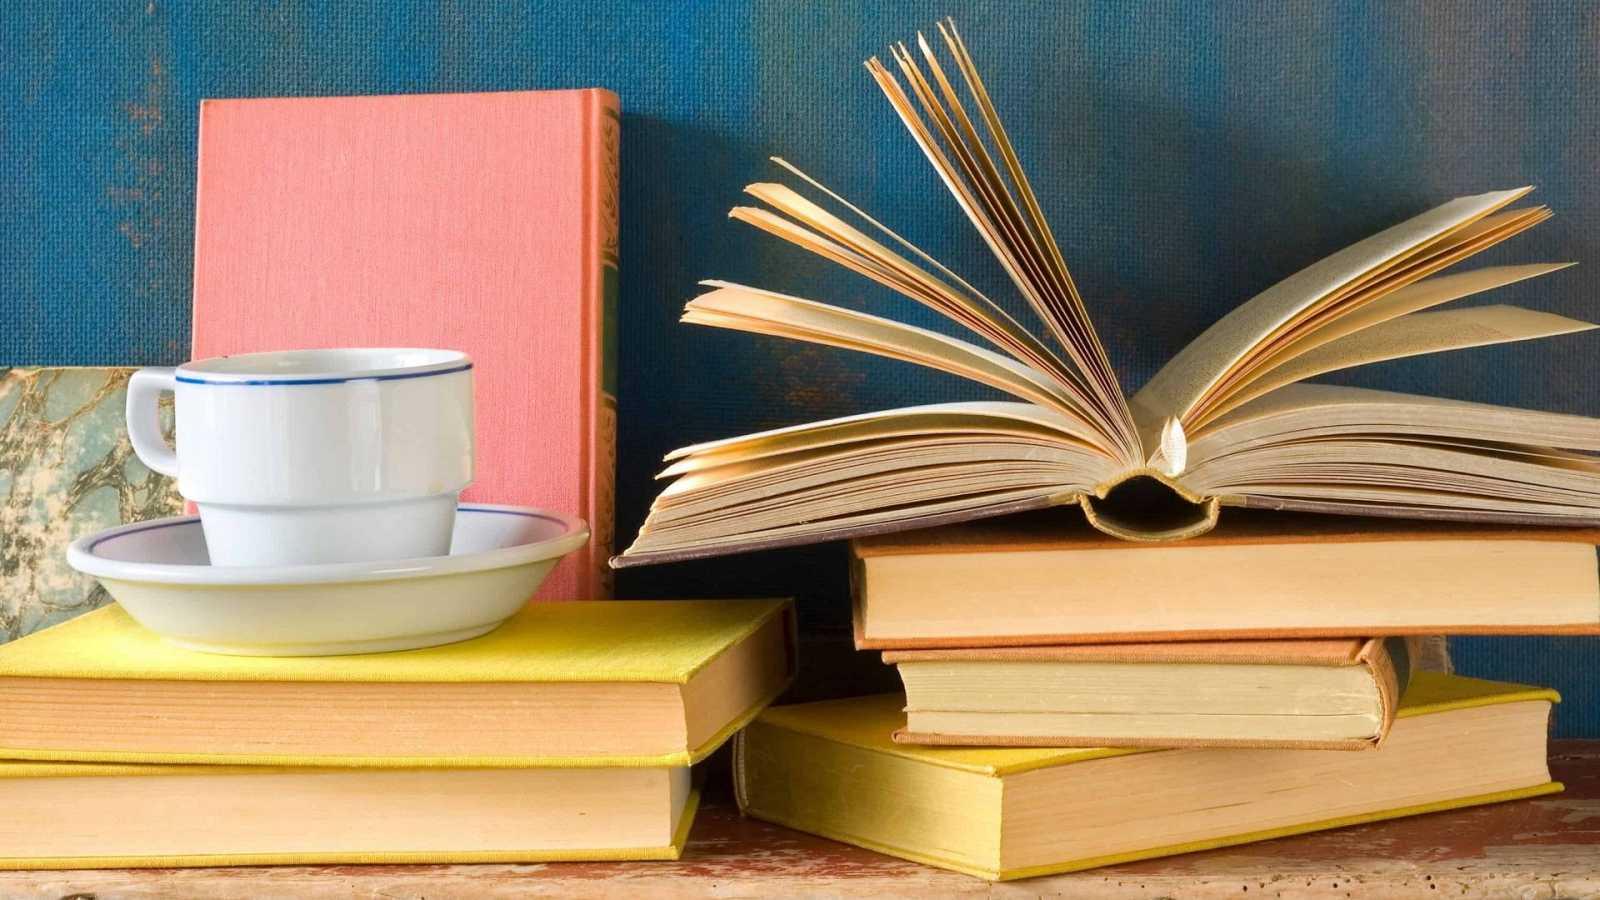 180 grados - Libros para escuchar - 23/04/20 - escuchar ahora